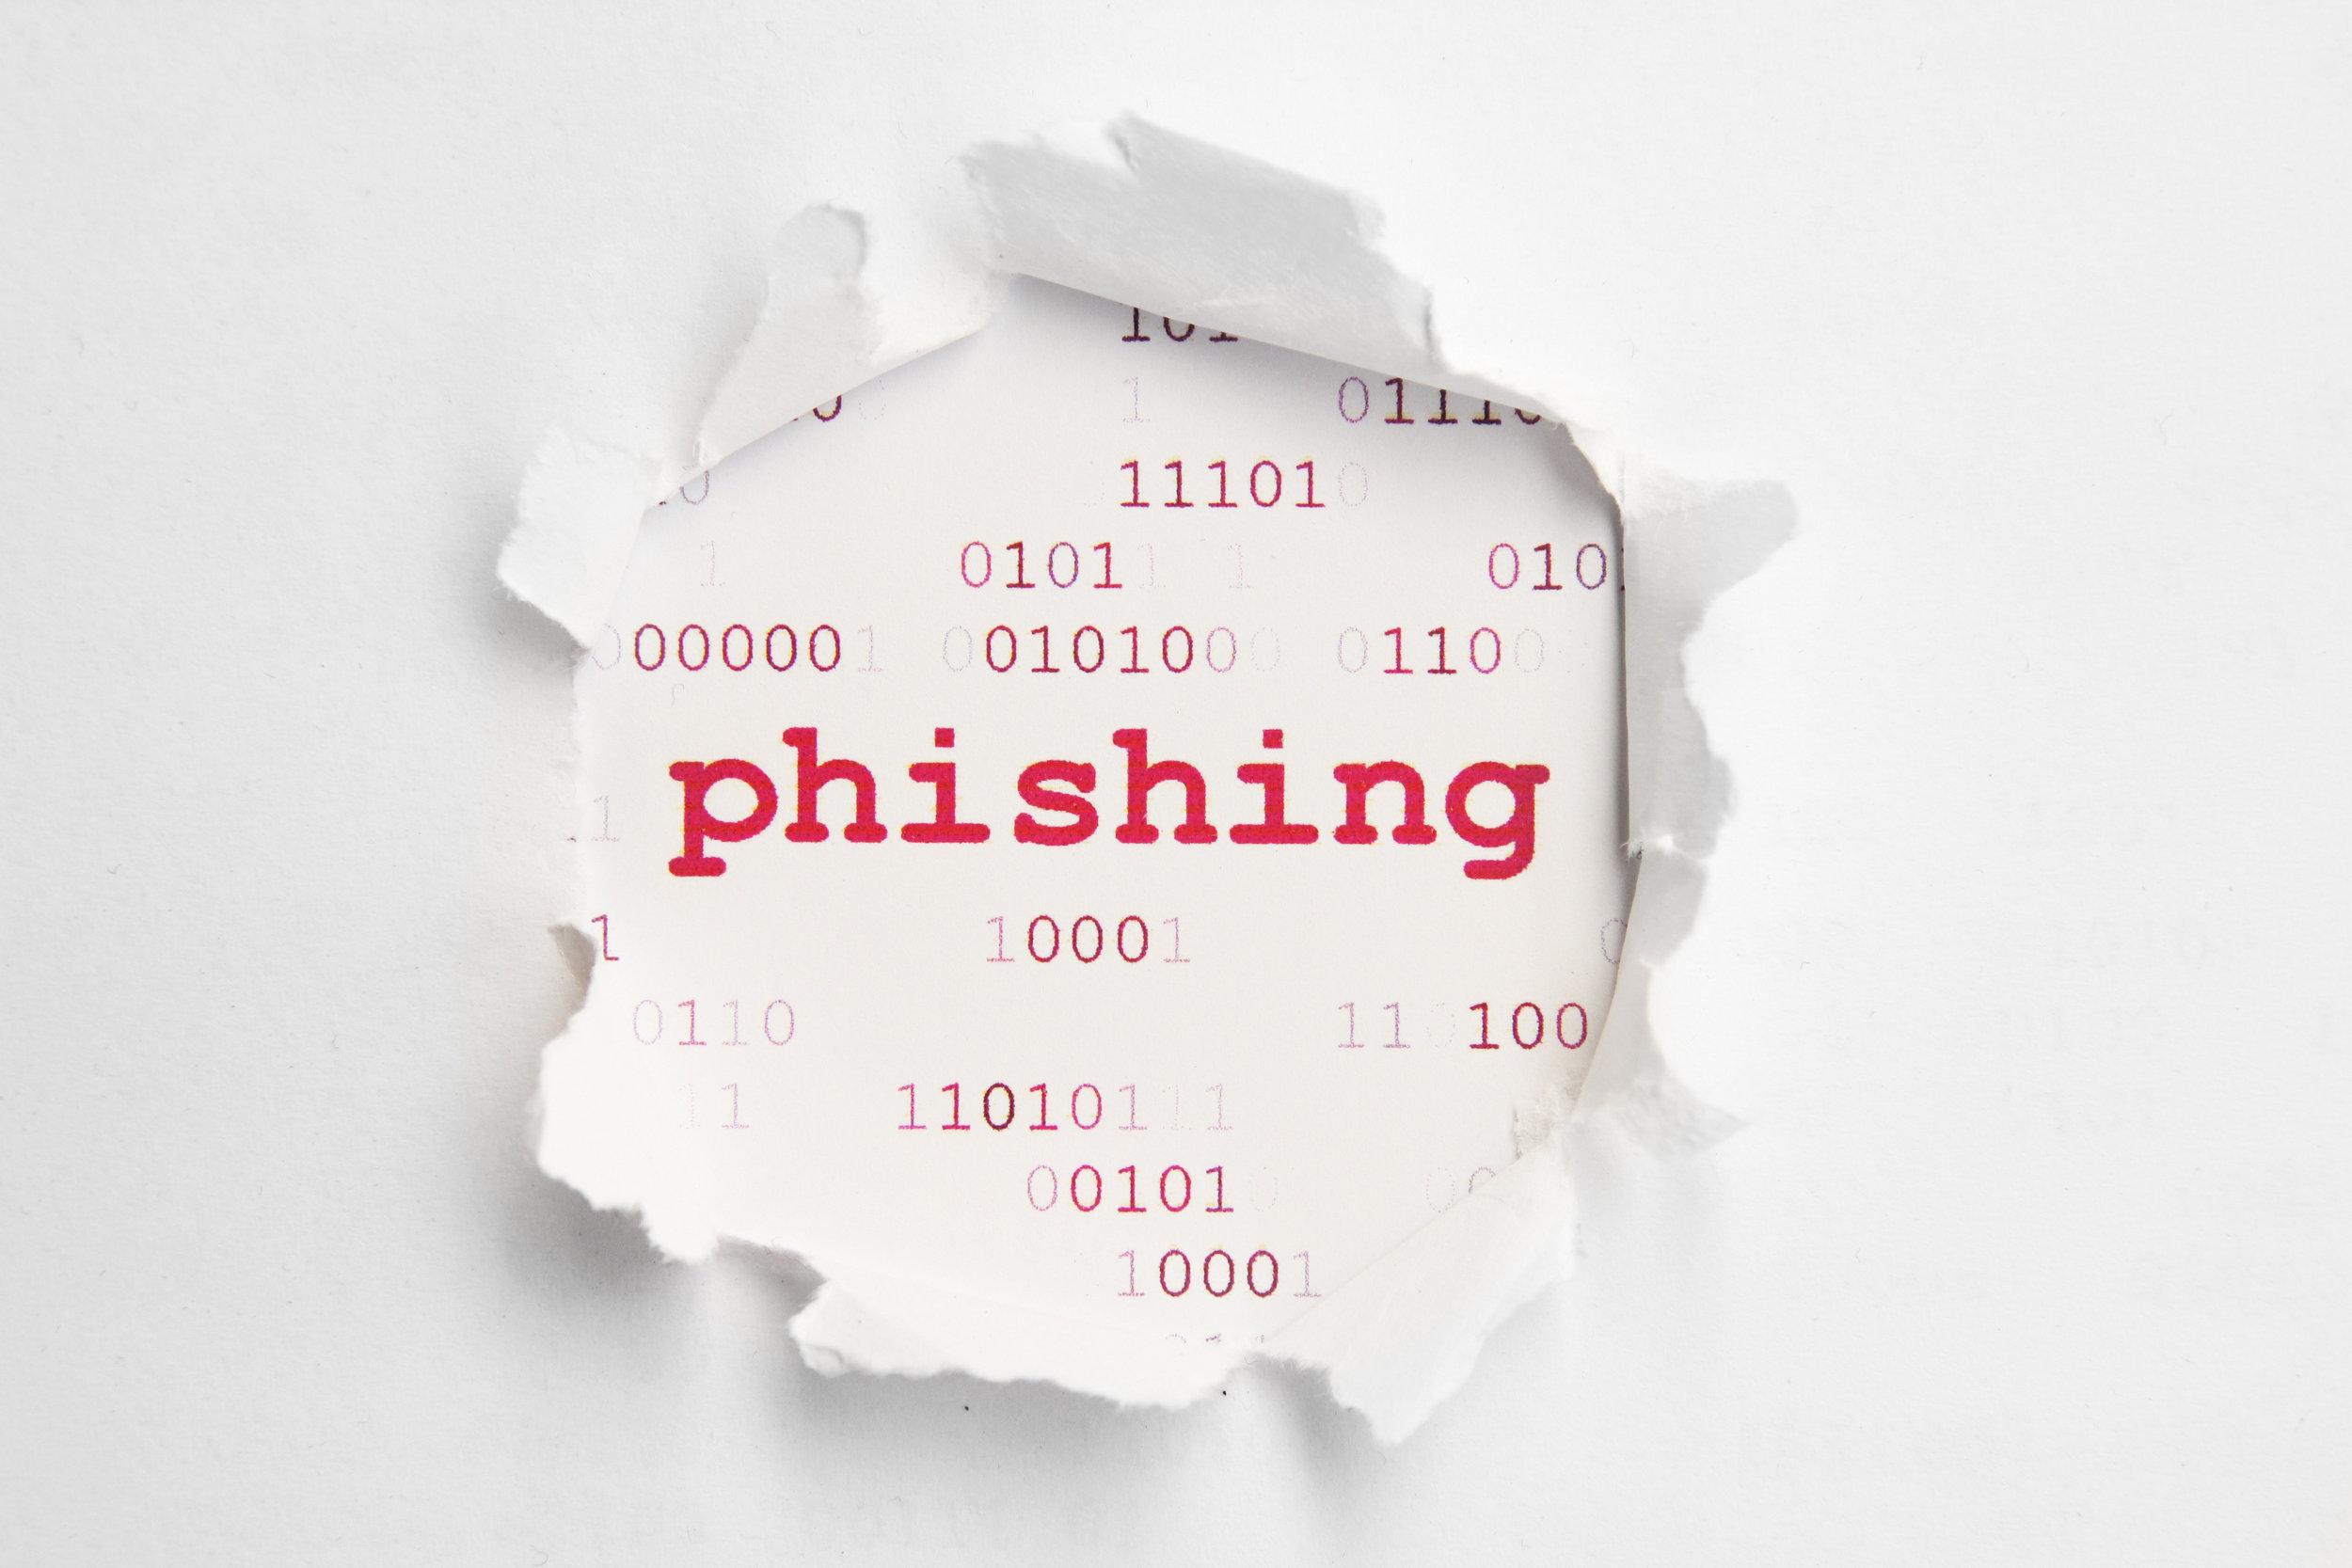 phishing_f1-6j8PO.jpg